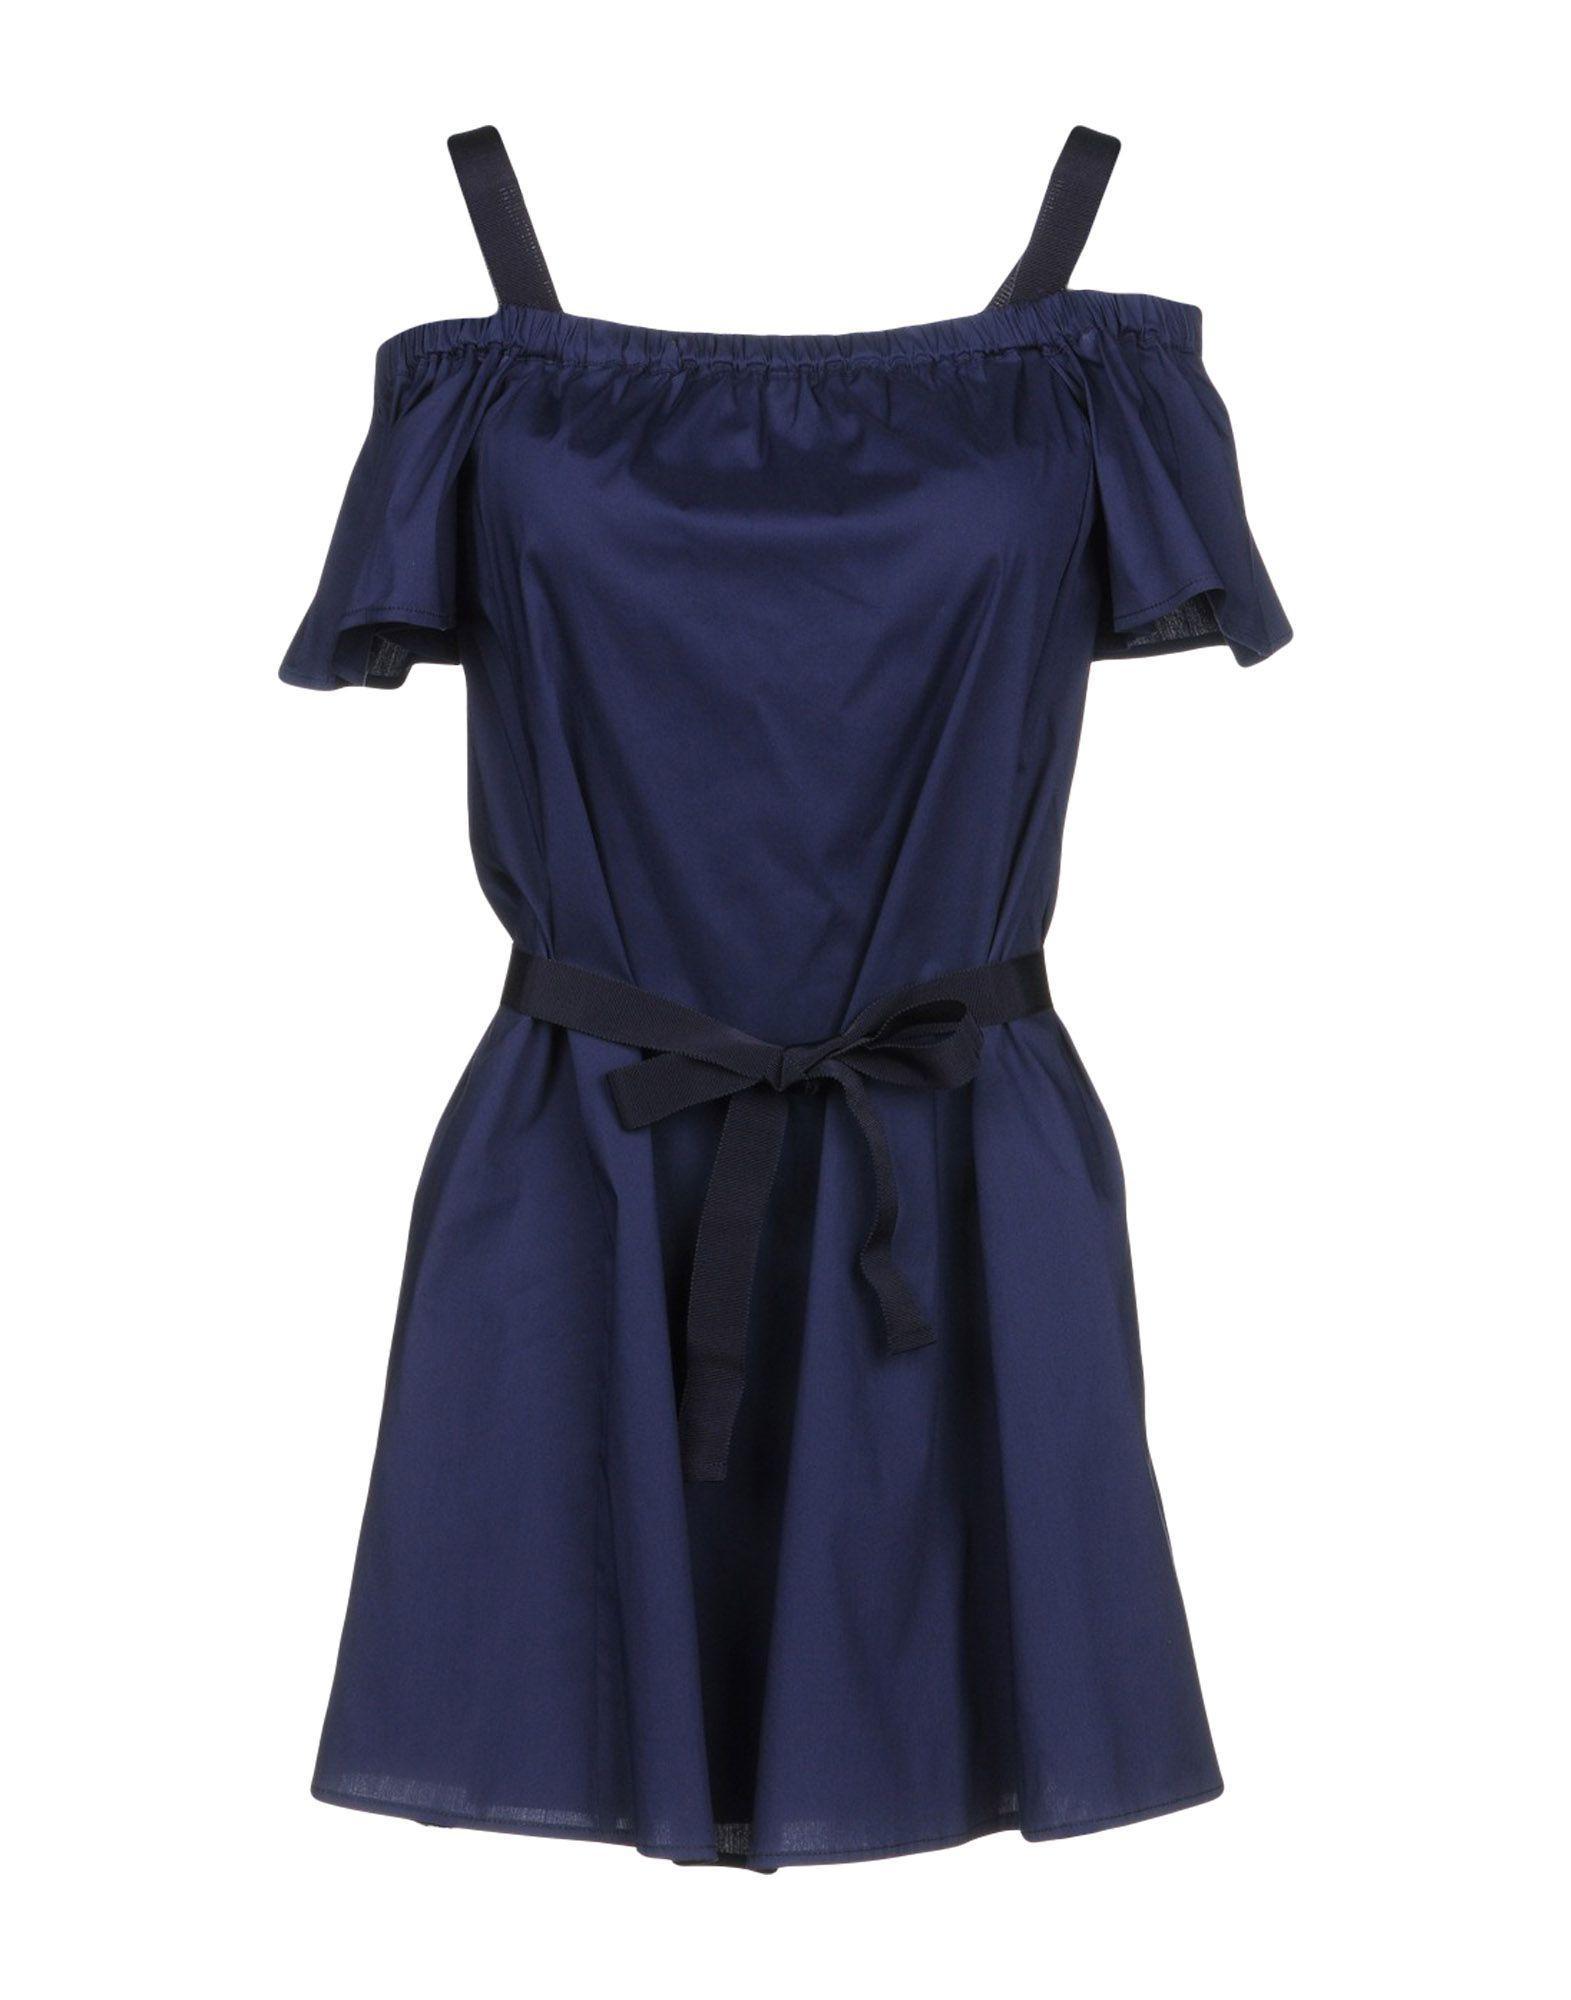 Patrizia Pepe Short Dress In Dark Blue